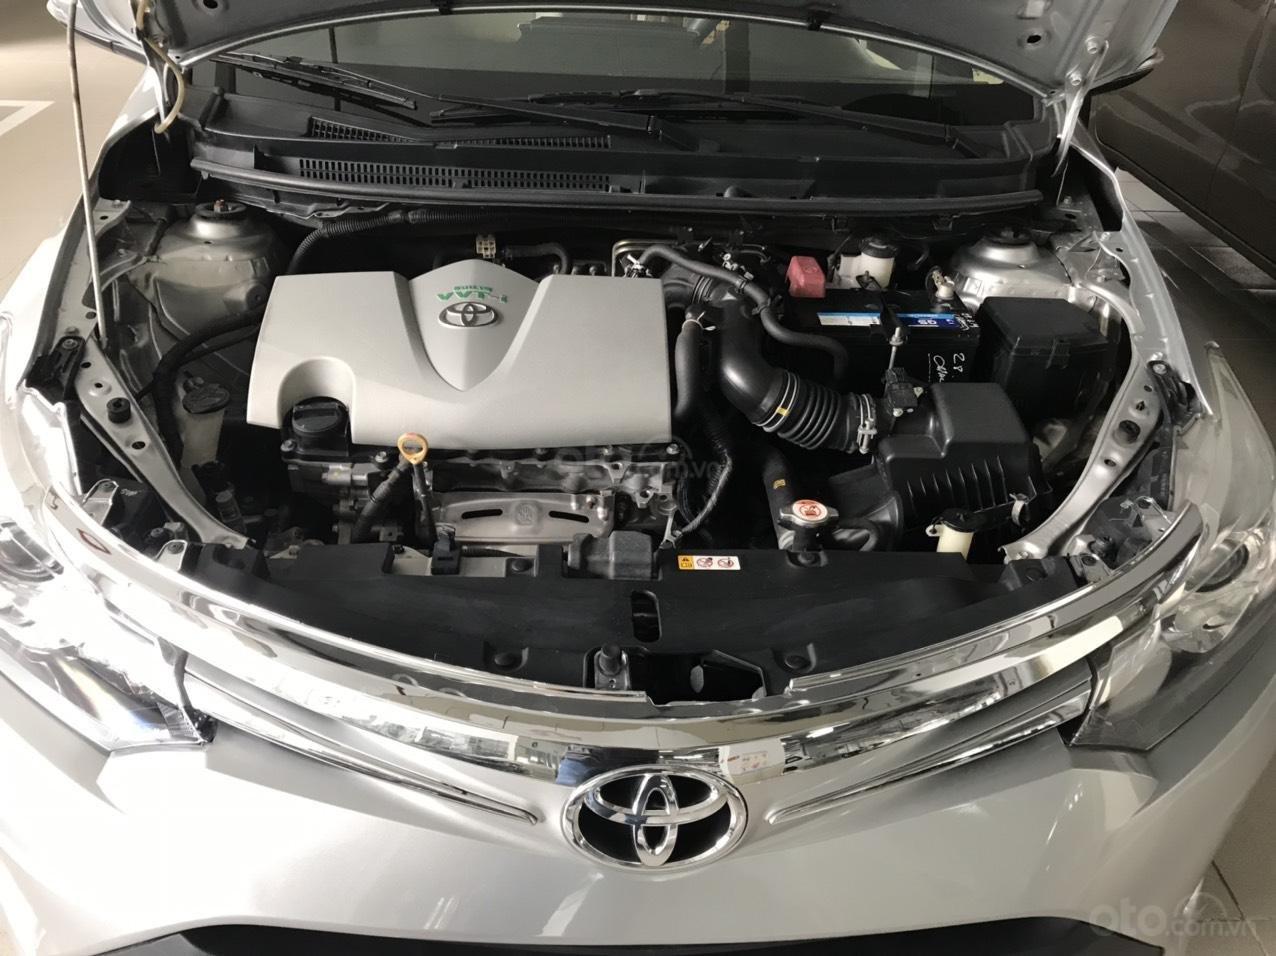 [Chính chủ] Bán Toyota Vios năm 2017, giá cực ưu đãi chỉ 450 triệu (3)